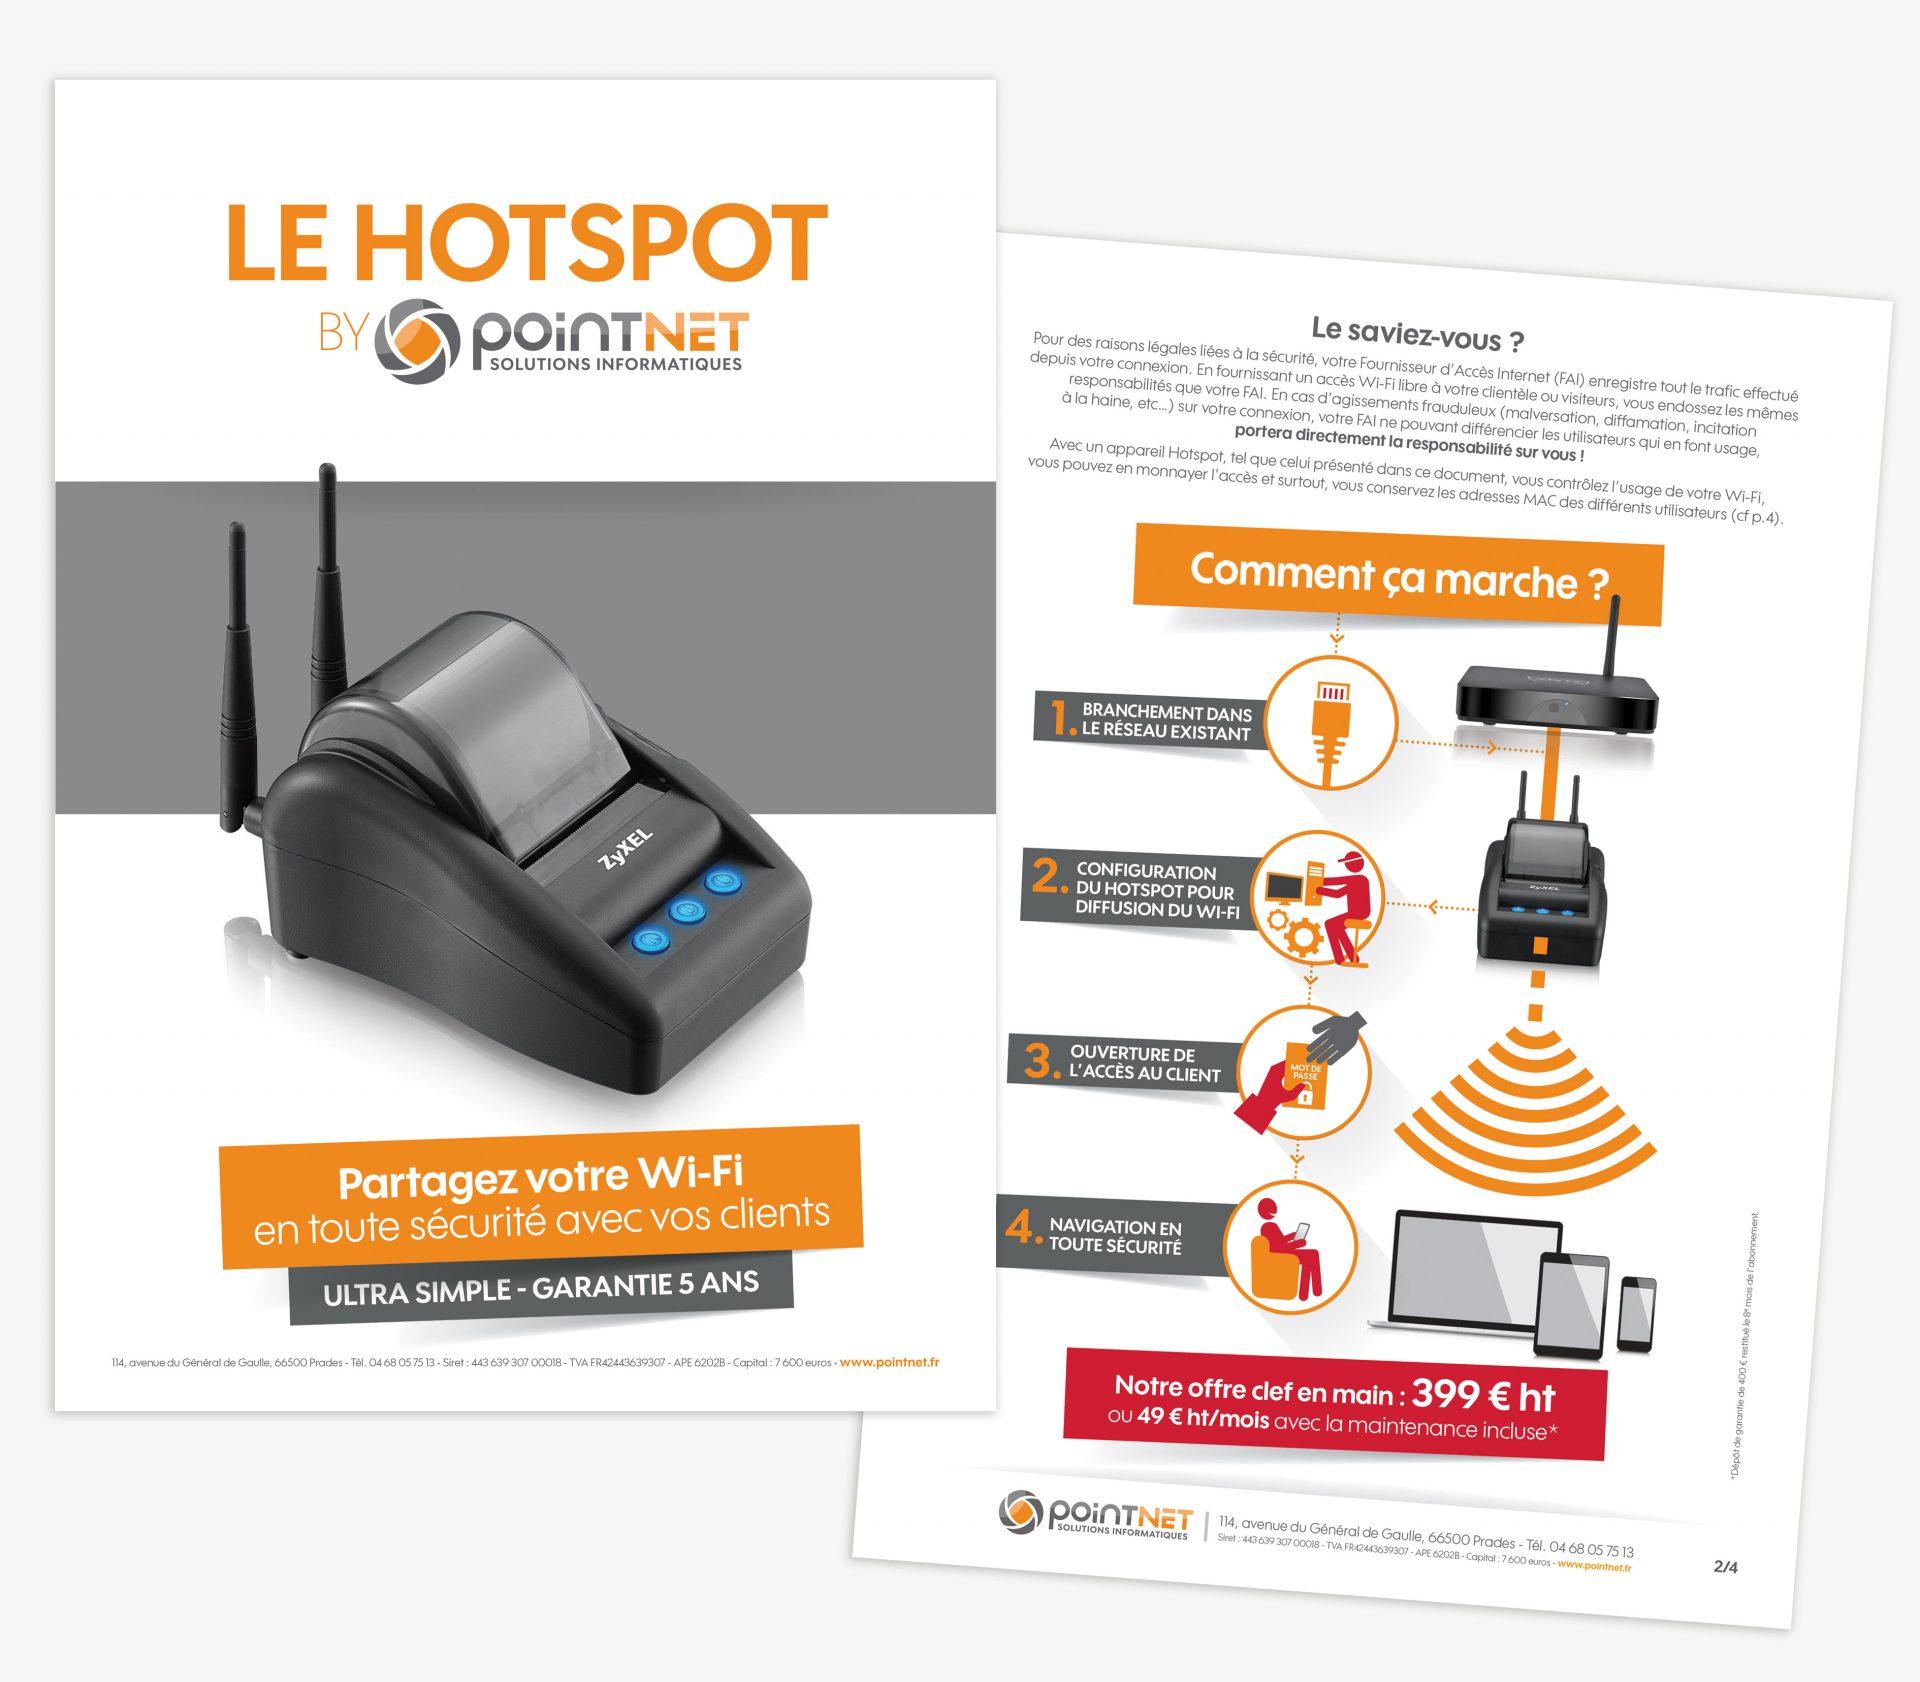 image-pointnet-02.jpg